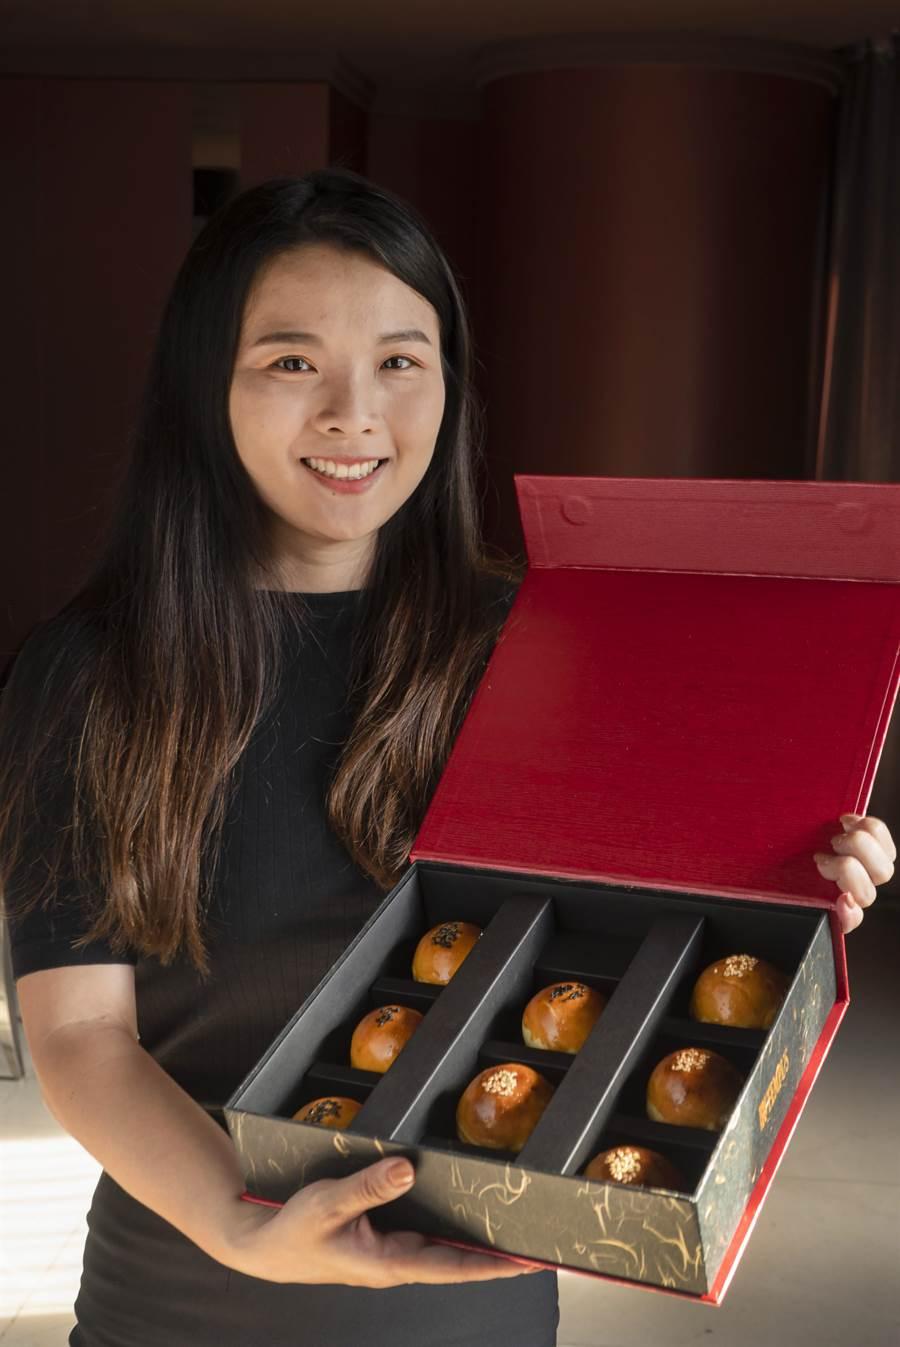 永豐棧酒店「蛋黃酥禮盒」每盒混搭典烏豆沙、肉鬆蛋黃酥兩種口味。(馮惠宜翻攝)